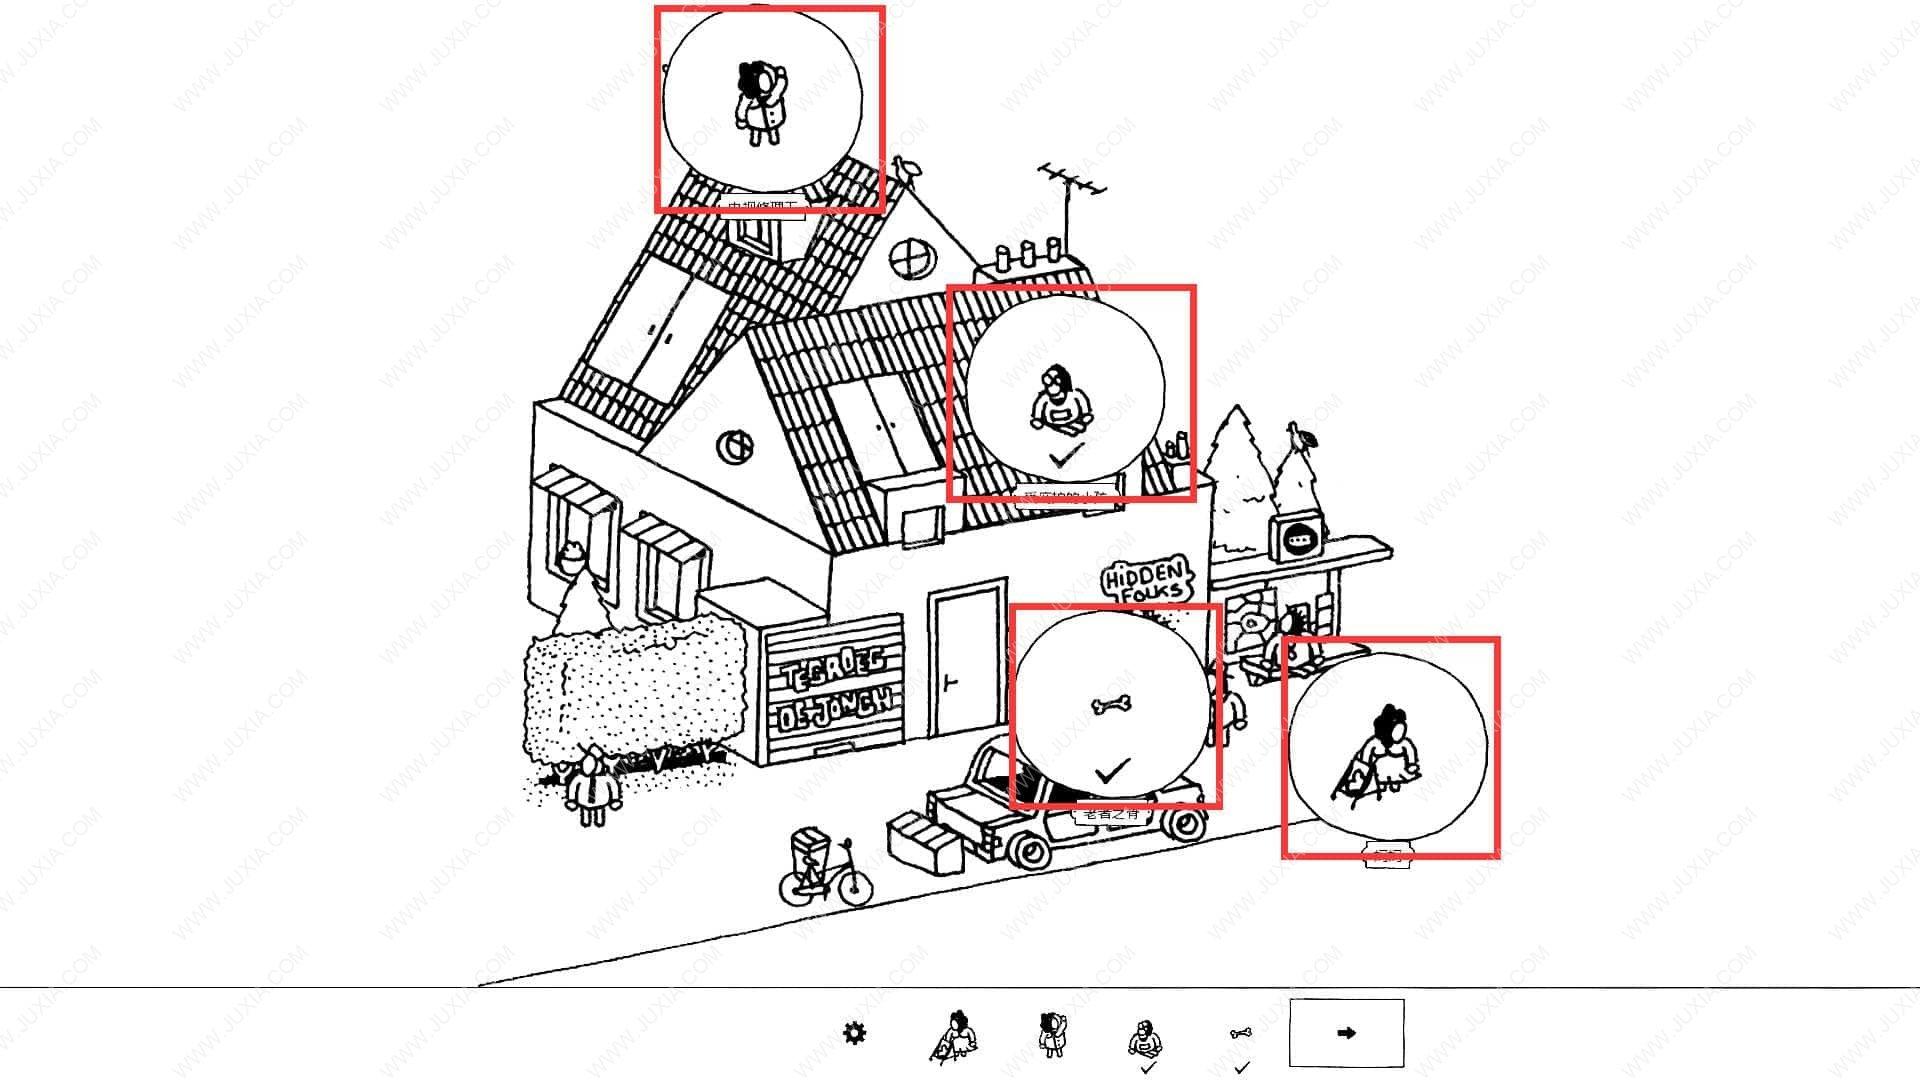 隐藏的家伙攻略图文城市第1关 HiddenFolks图文攻略城市第一关